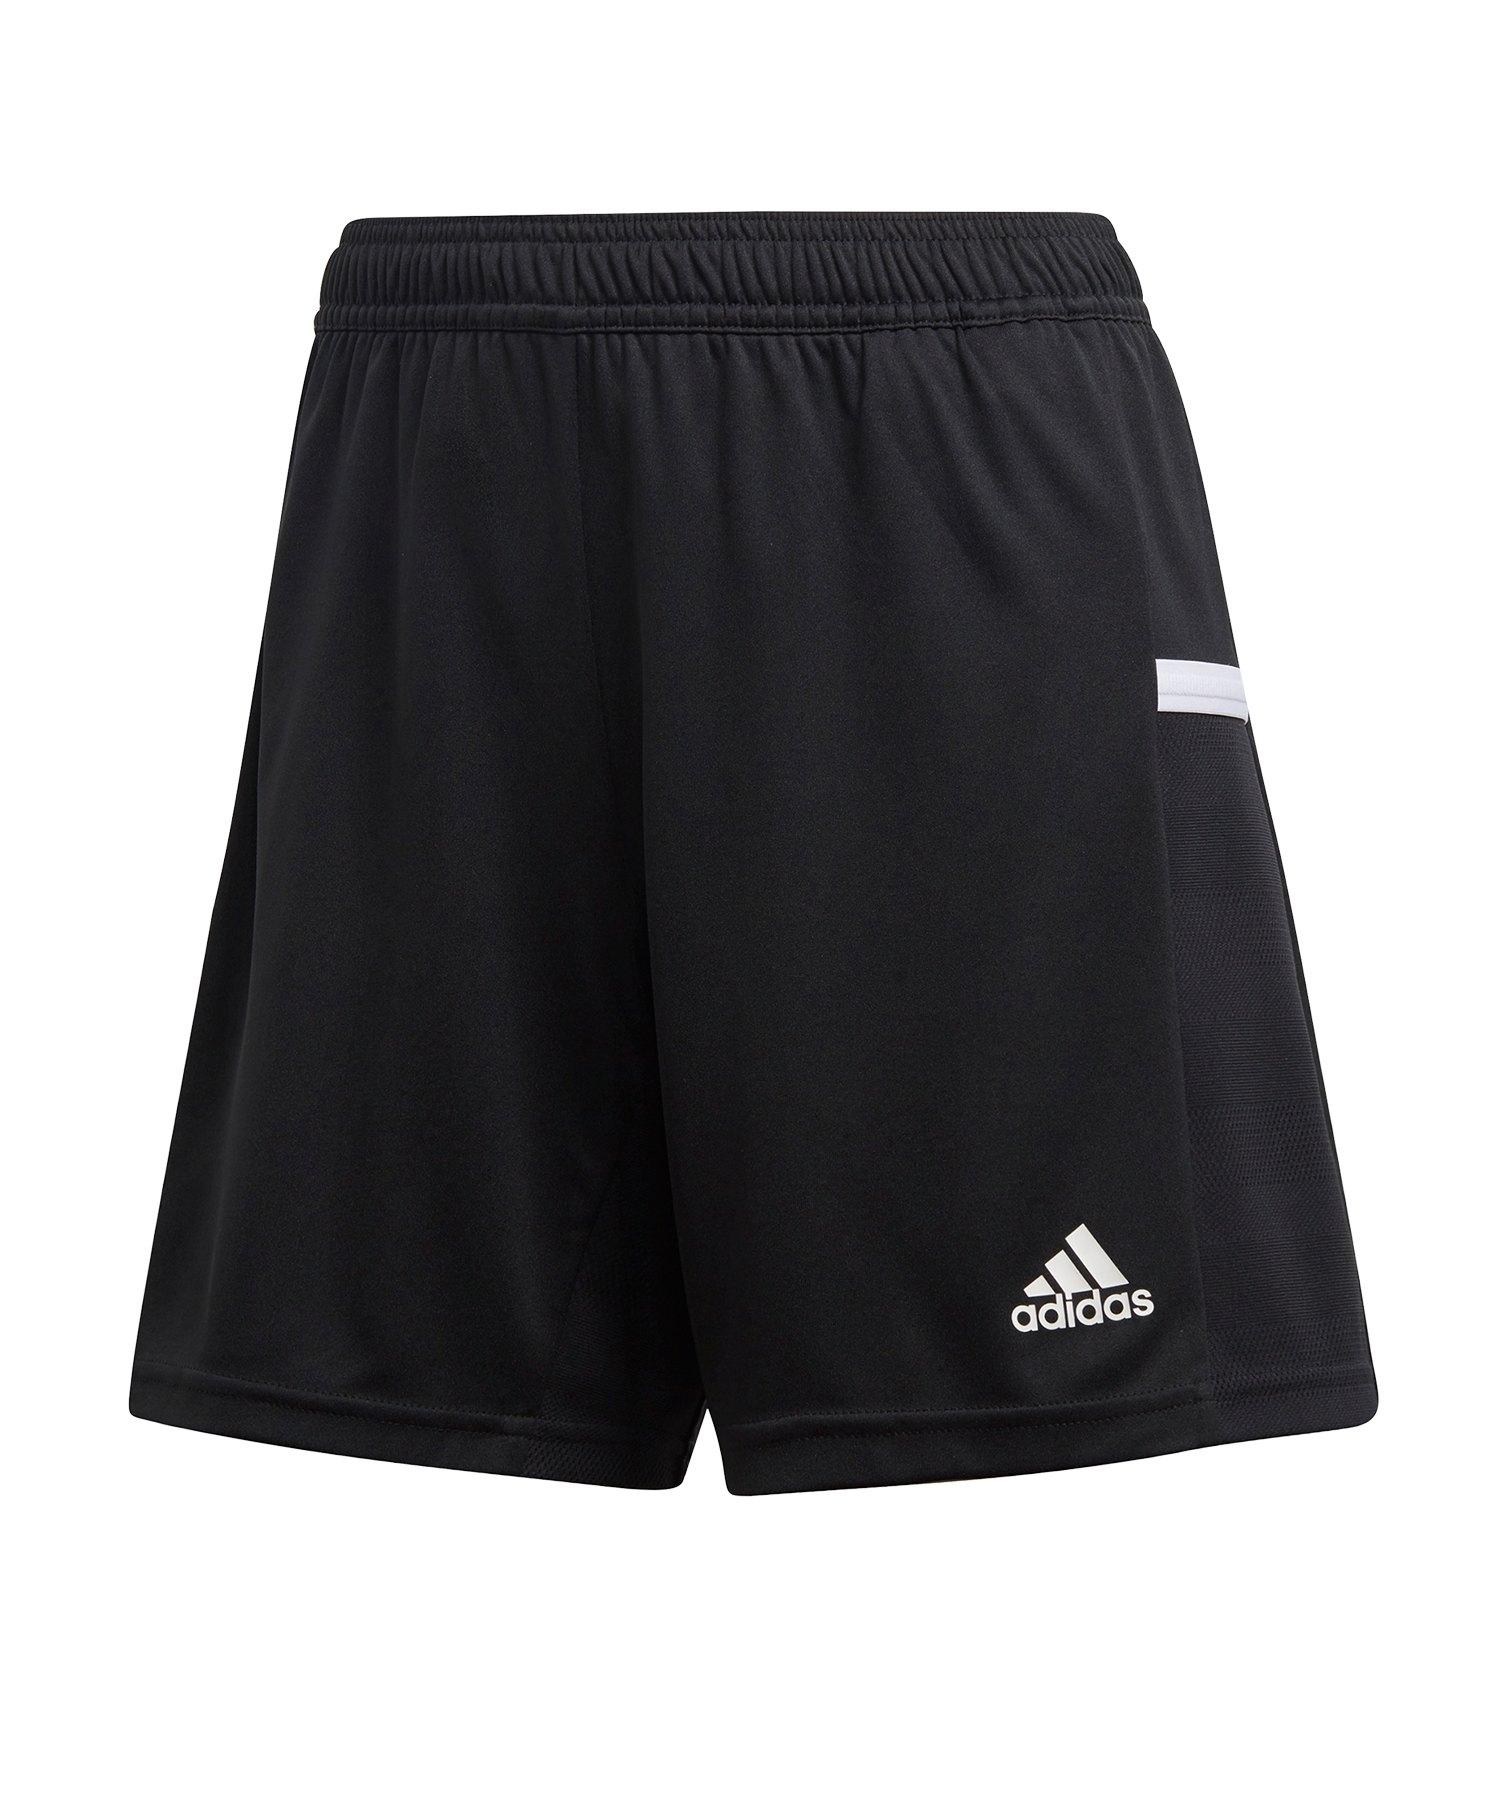 adidas Team 19 Knitted Short Damen Schwarz Weiss - schwarz